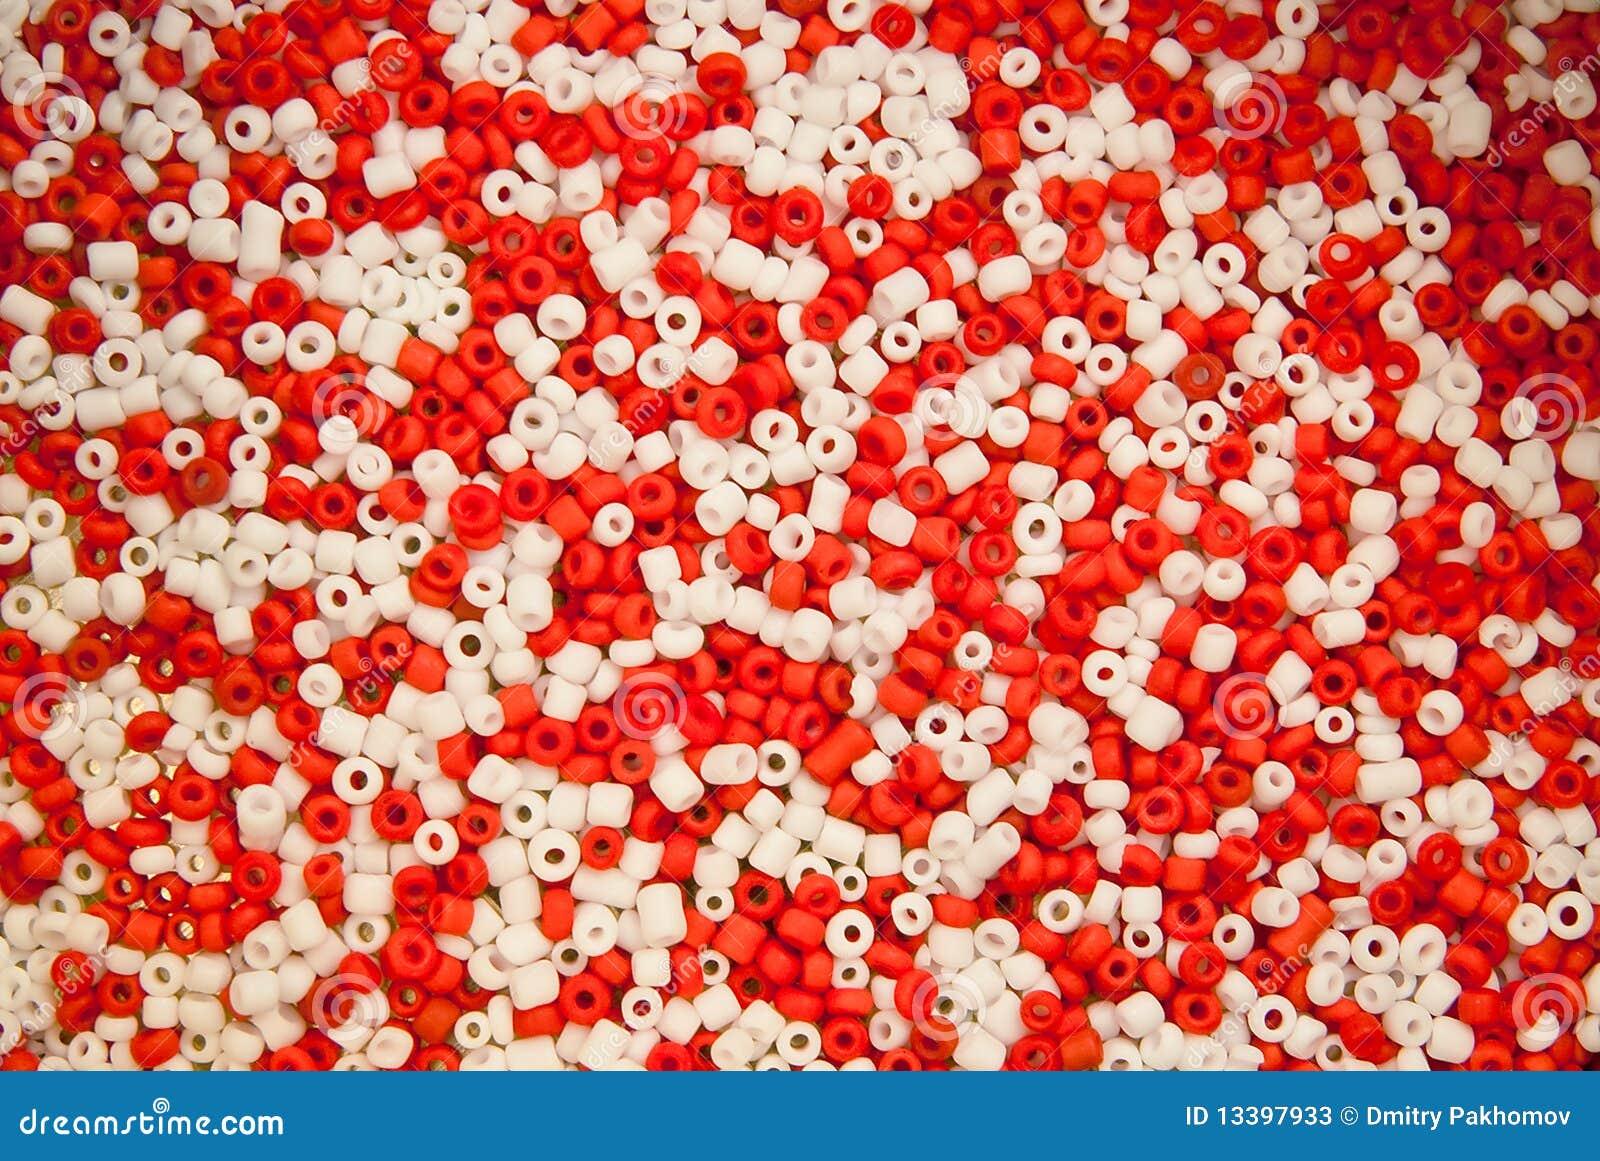 成串珠状陶瓷堆